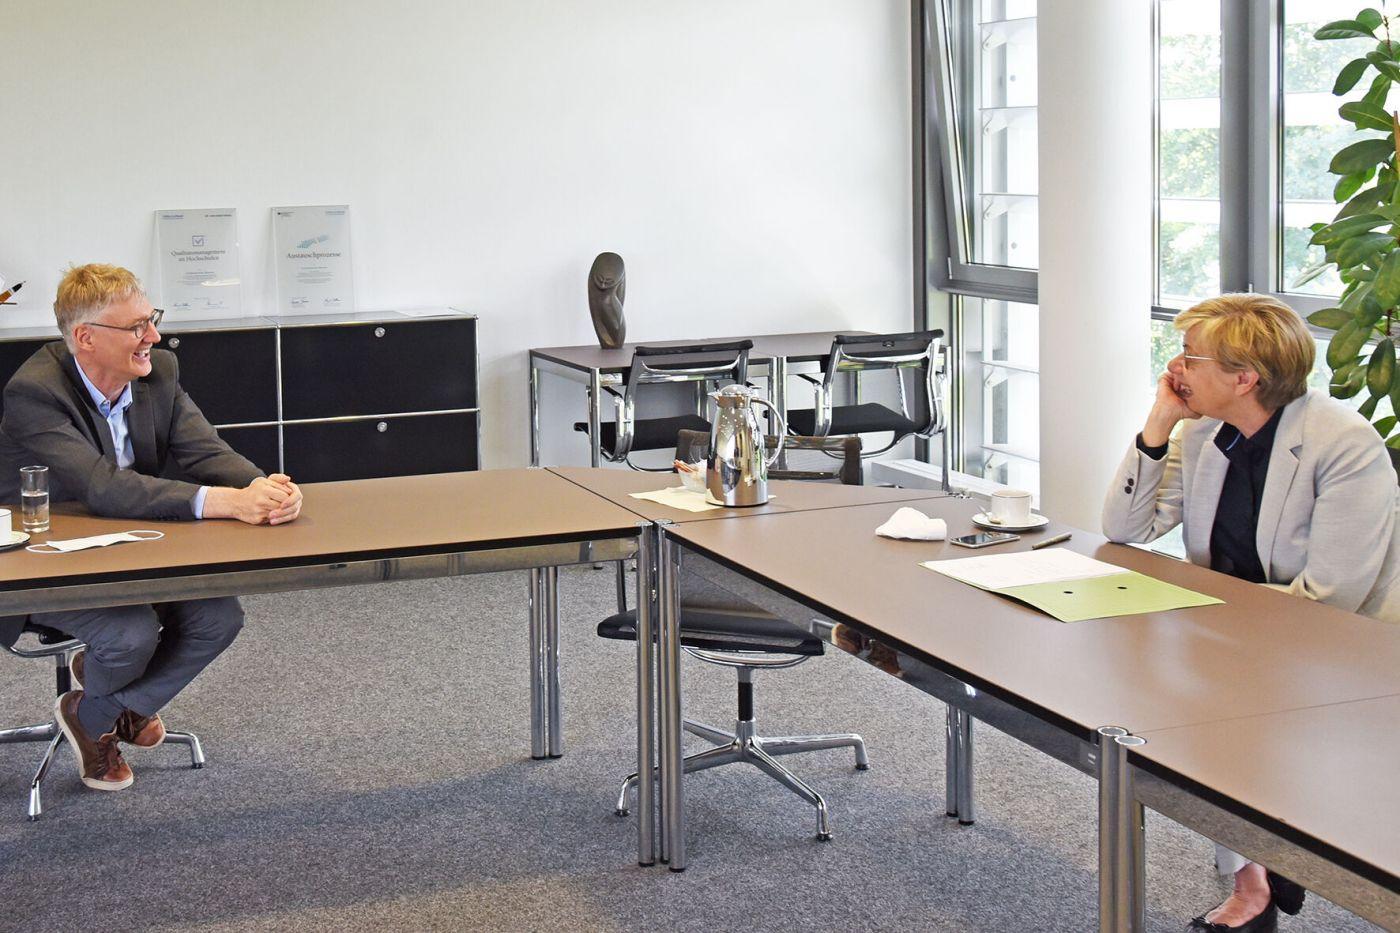 Mit Abstand aber trotzdem herzlich: FH-Präsidentin Prof. Dr. Ute von Lojewski gratulierte Prof. Dr. Hugo Mennemann vom Fachbereich Sozialwesen zum 25-jährigen Dienstjubiläum. (Foto: FH Münster/Stefanie Gosejohann)